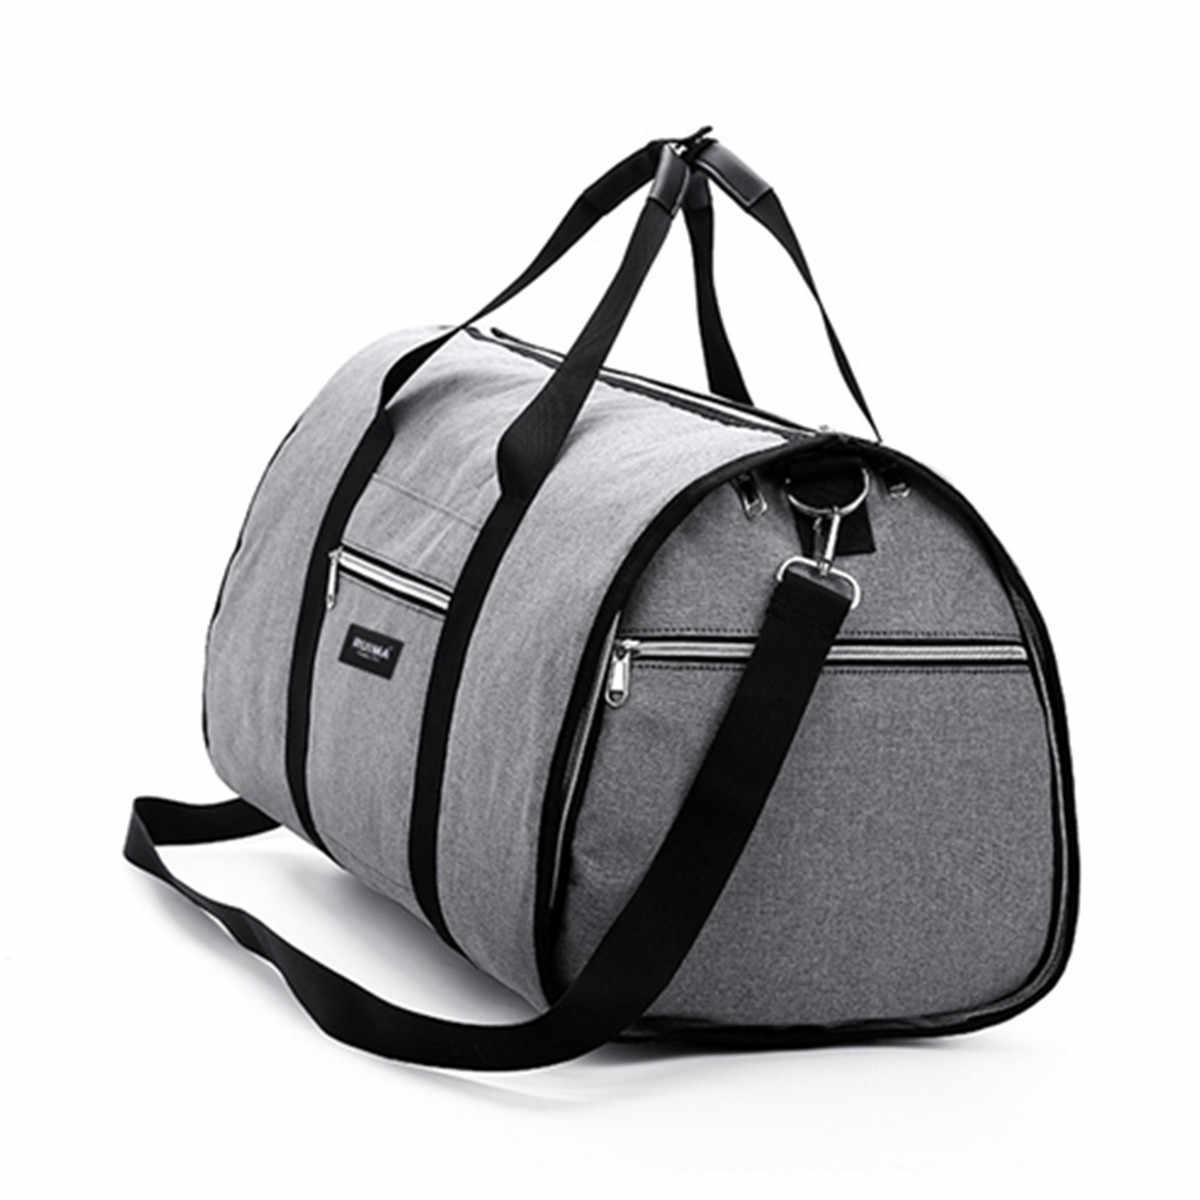 Saco de Ombro Das Mulheres Sacos de Viagem Saco de Viagem à prova d' água Mens Vestuário 2 Em 1 Grande Bagagem Duffel Totes Carry On Lazer saco de mão